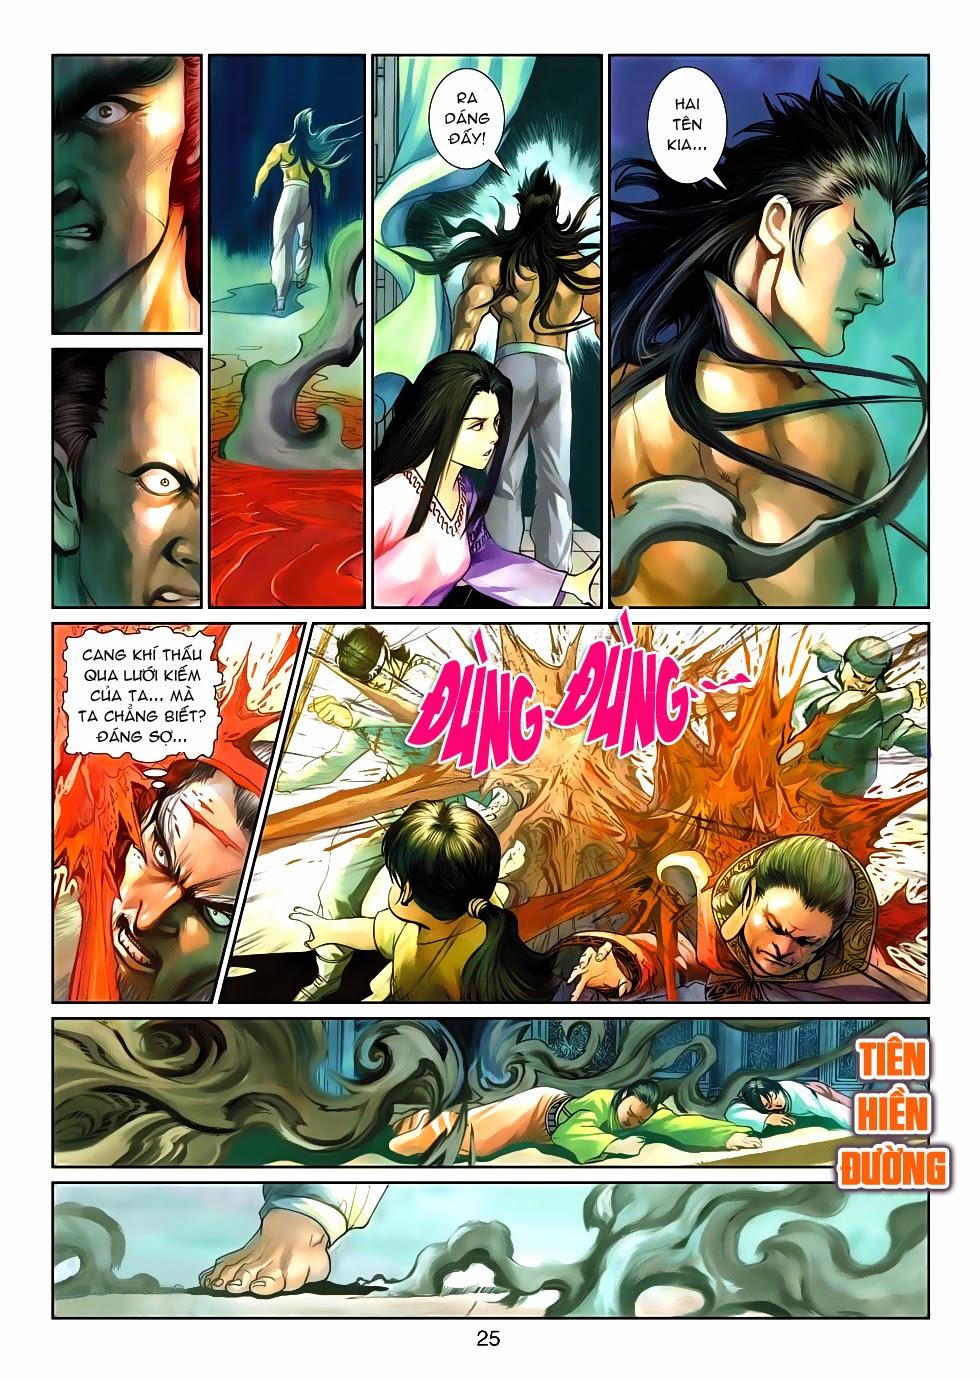 Thần Binh Tiền Truyện 4 - Huyền Thiên Tà Đế chap 10 - Trang 25